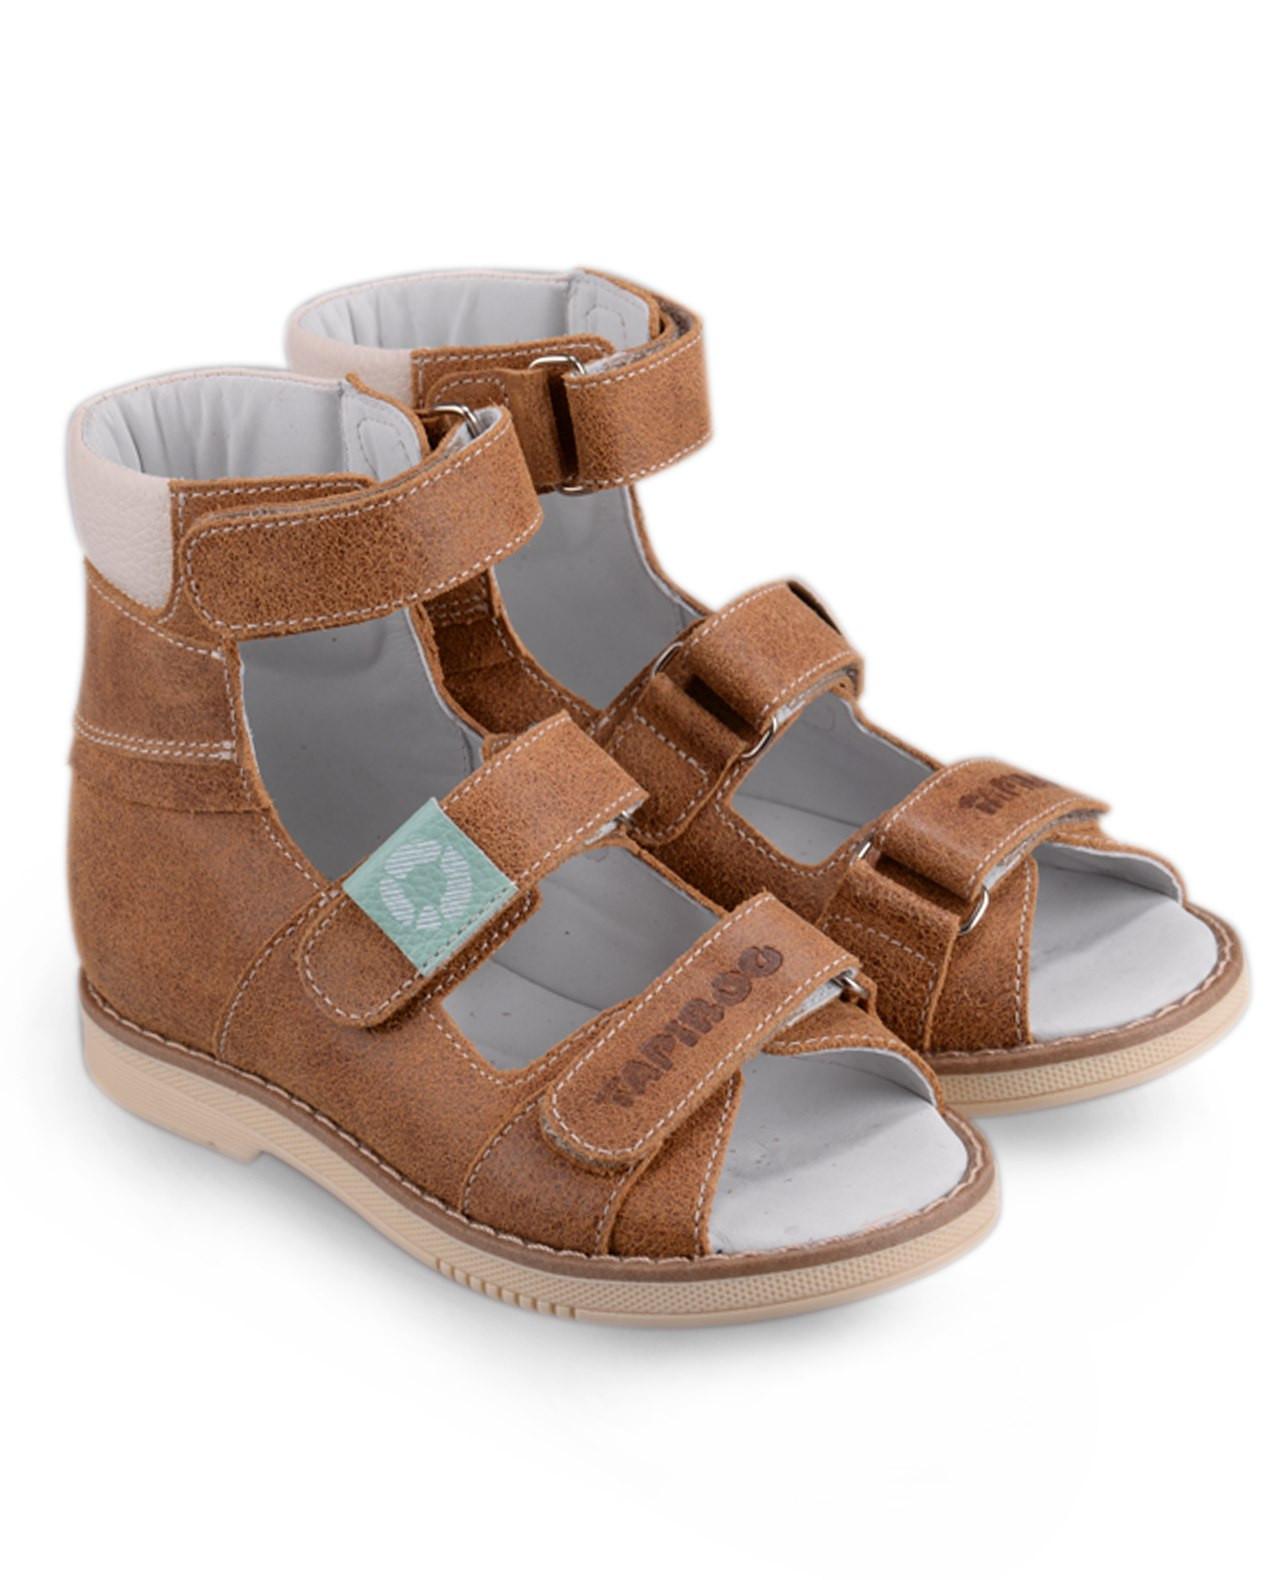 Сандалии Детские, Tapiboo БукСандалии<br>Эти ортопедические сандалии разработаны <br>для коррекции стоп при вальгусной деформации, <br>а также для профилактики плоскостопия. <br>Применение данной модели рекомендовано <br>детям при наличии сформировавшихся деформаций. <br>При применении данной обуви рекомендуется <br>использование индивидуальных ортопедических <br>стелек по назначению врача-ортопеда. Жесткий <br>фиксирующий задник увеличенной высоты <br>и возможность регулировки полноты тремя <br>застежками «велкро» обеспечивают необходимую <br>фиксацию голеностопа в правильном положении. <br>Широкий, устойчивый каблук, специальной <br>конфигурации «каблук Томаса». Каблук продлен <br>с внутренней стороны до середины стопы, <br>предотвращает вращение (заваливание) стопы <br>вовнутрь (пронационный компонент деформации, <br>так называемая косолапость, или вальгусная <br>деформация). Подкладка из кожи теленка без <br>швов. Кожа теленка обладает повышенной <br>износостойкостью в сочетании с мягкостью <br>и отличной способностью пропускать воздух <br>для создания оптимального температурного <br>режима (нога не потеет). Отсутствие швов <br>на подкладк<br>Размер INT: M; Цвет: Красный; Ширина: 100; Высота: 200; Вес: 1000;